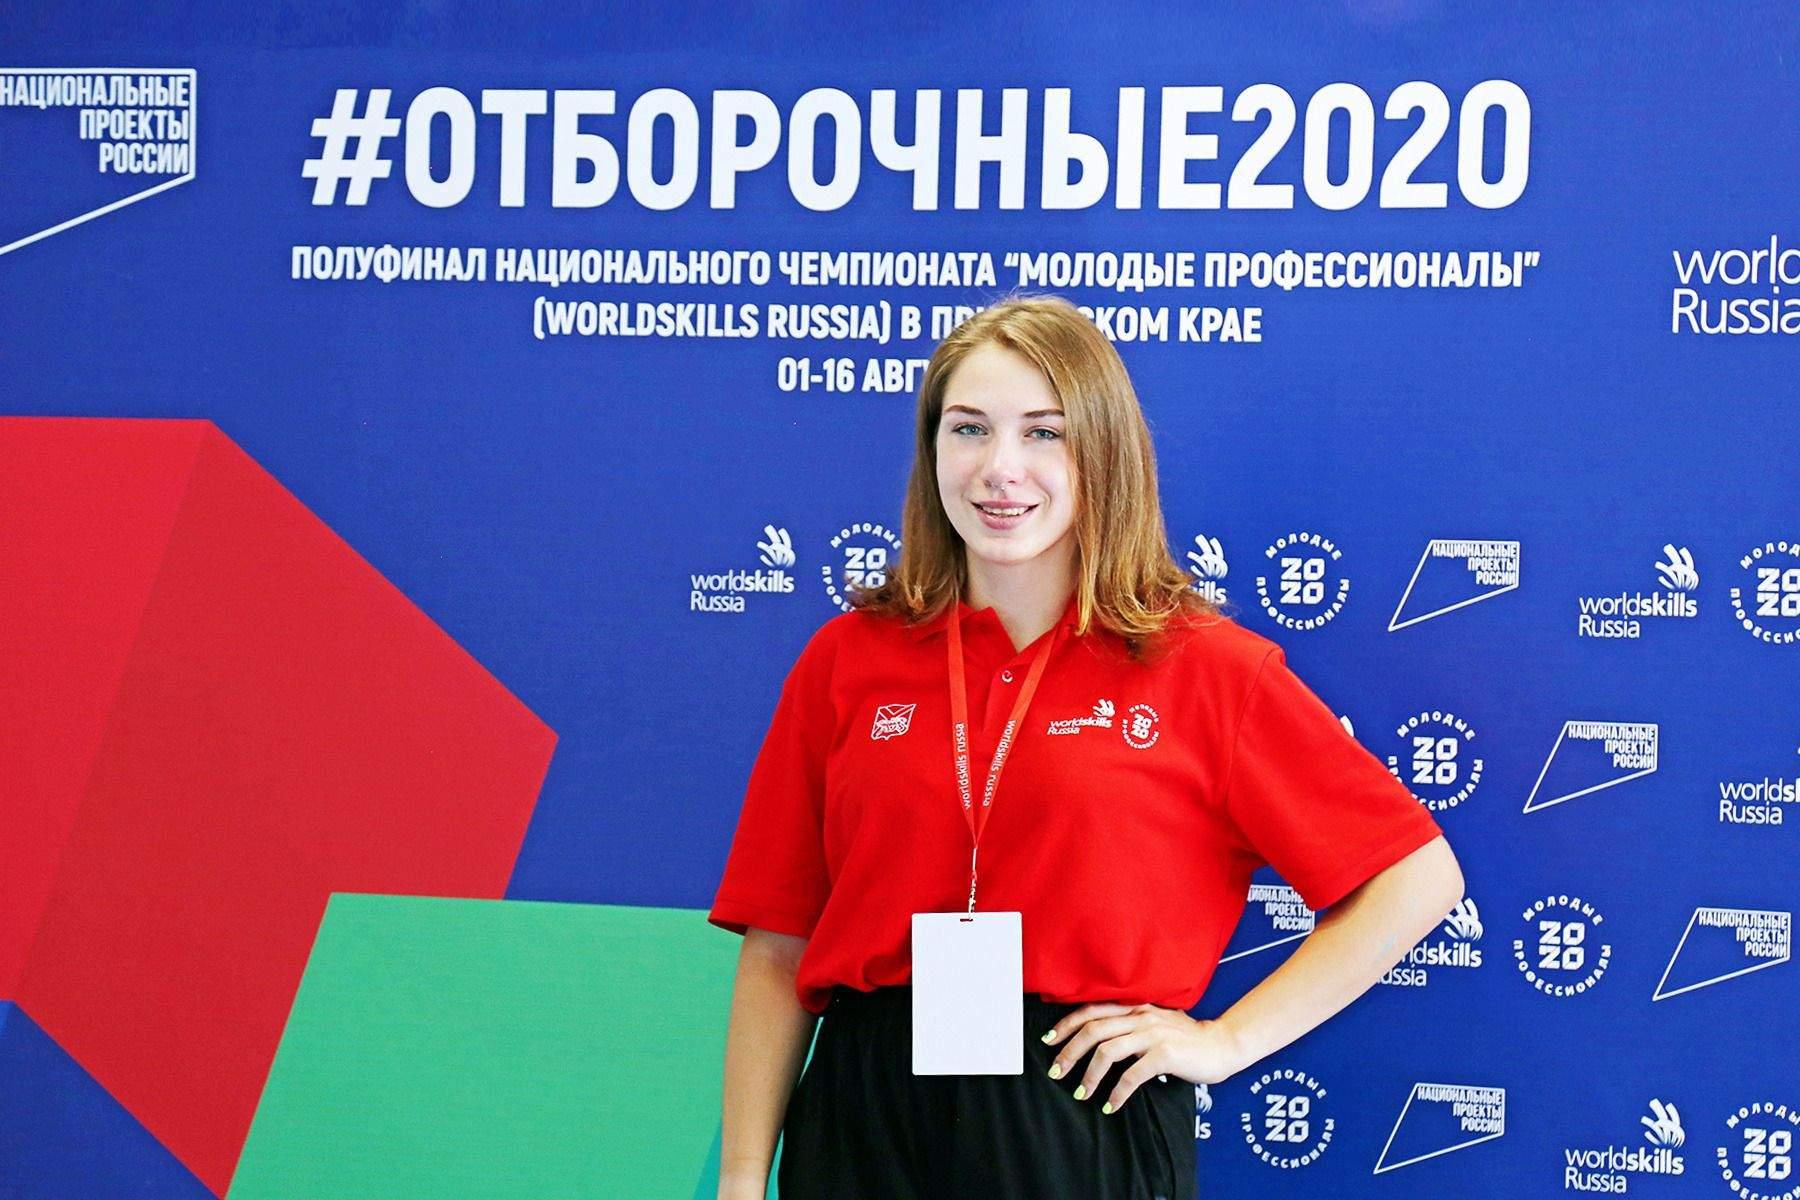 Студенты ВГУЭС показали свое мастерство на отборочных соревнованиях «Молодые профессионалы»